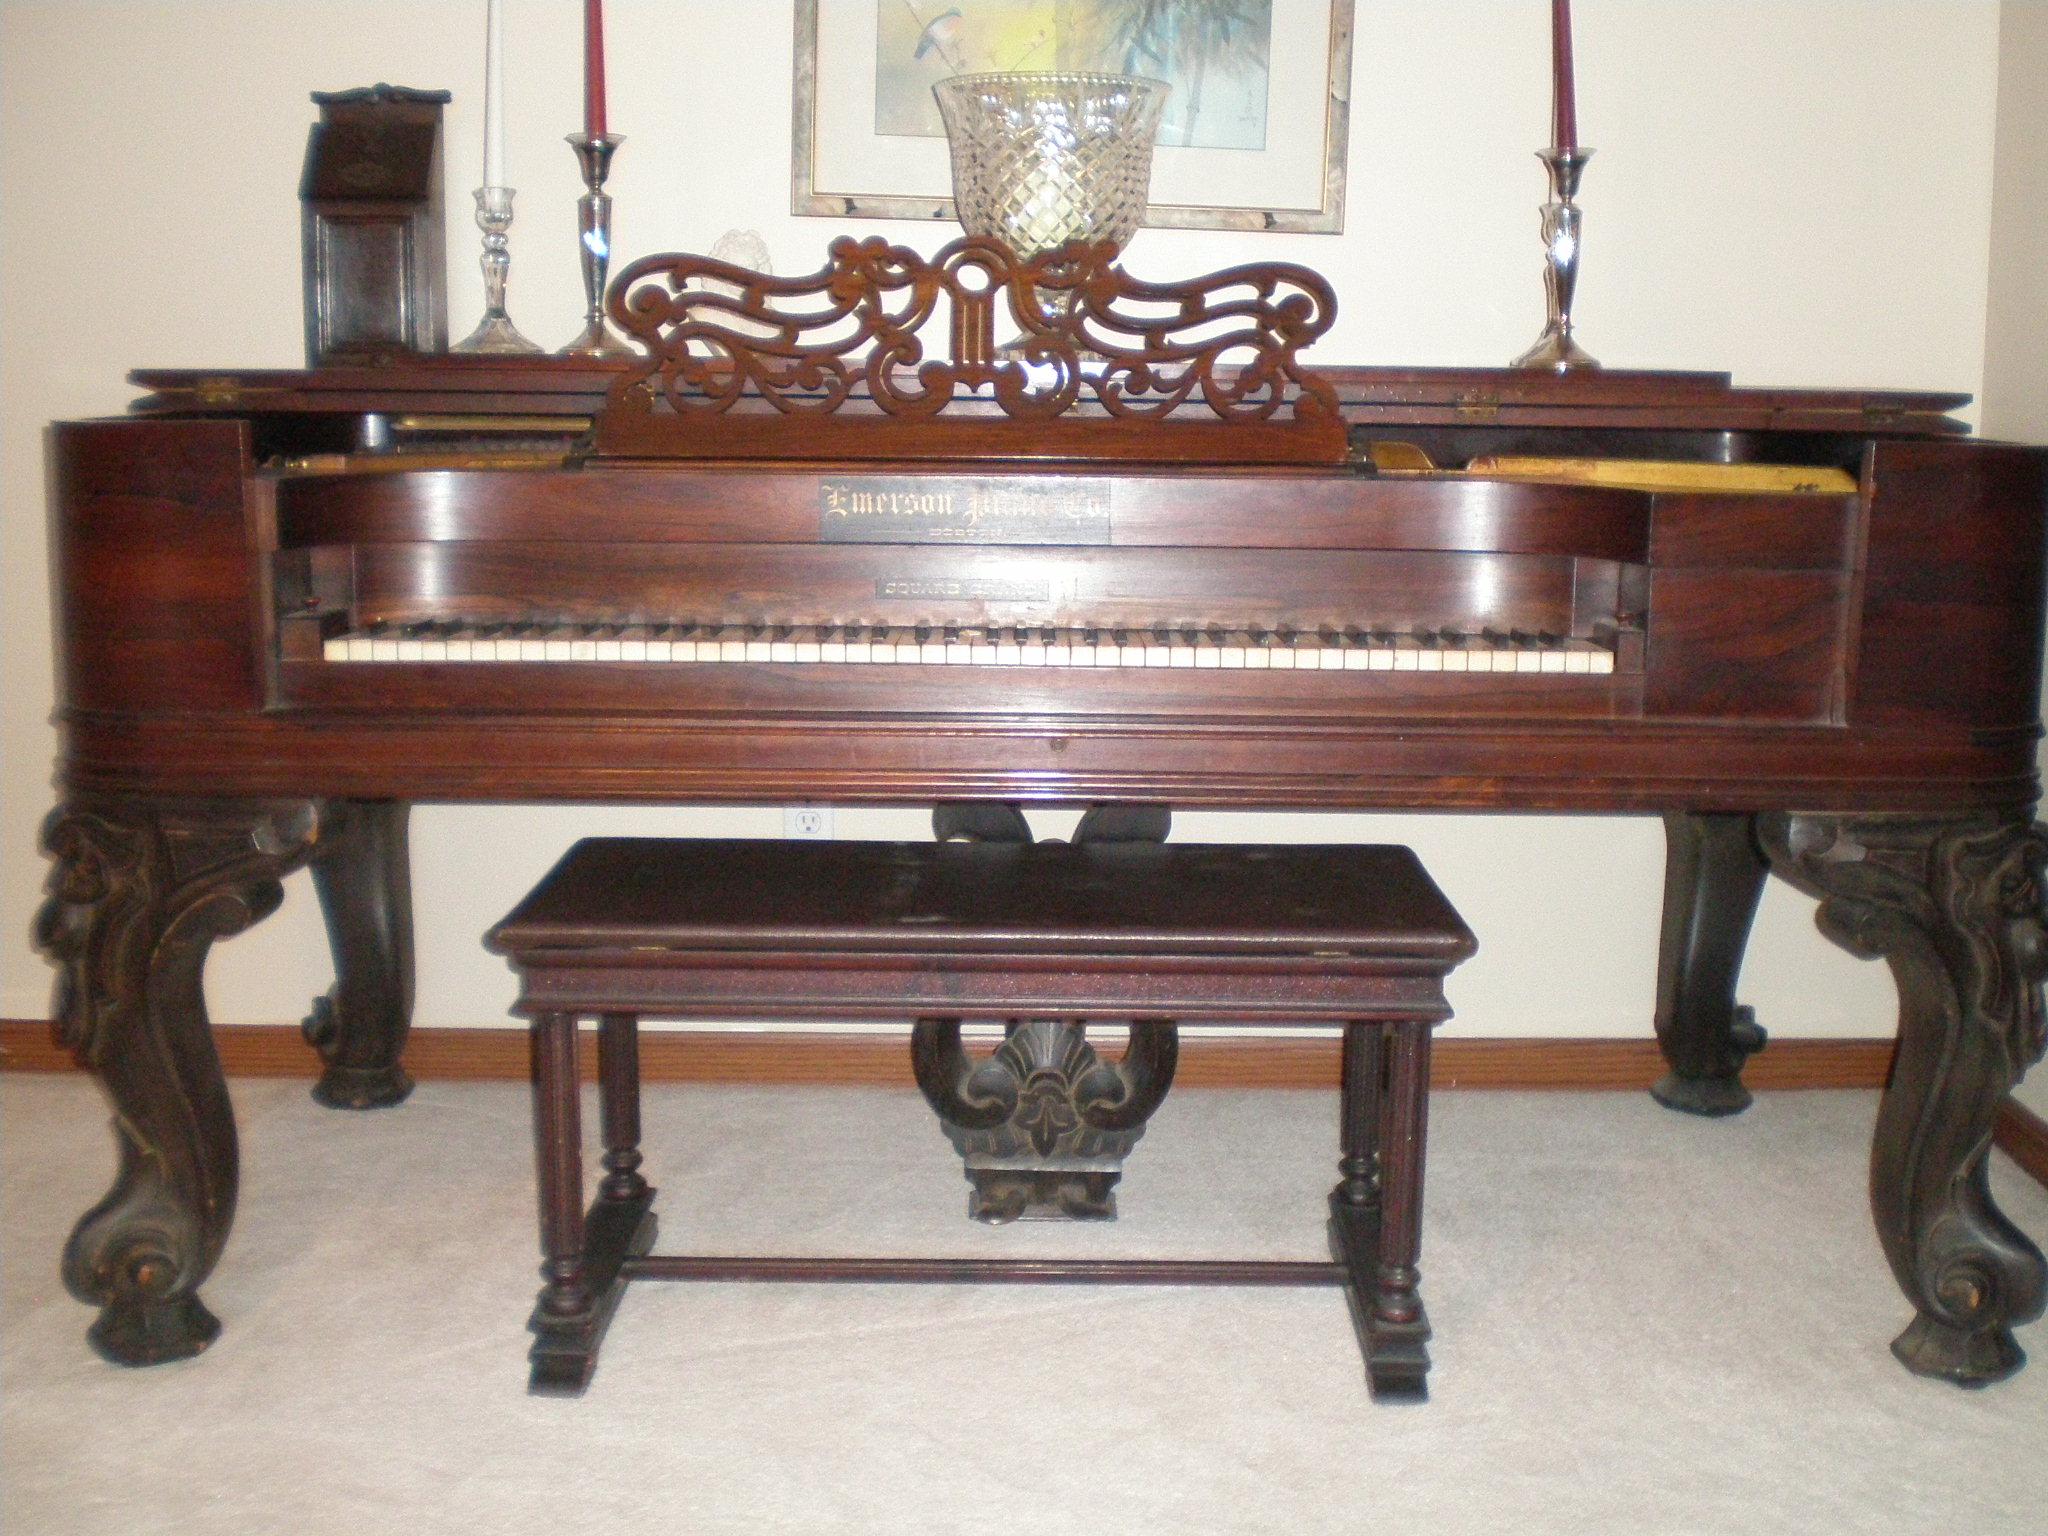 Emerson Square Grand Piano circa 1867 For Sale   Antiques.com ...